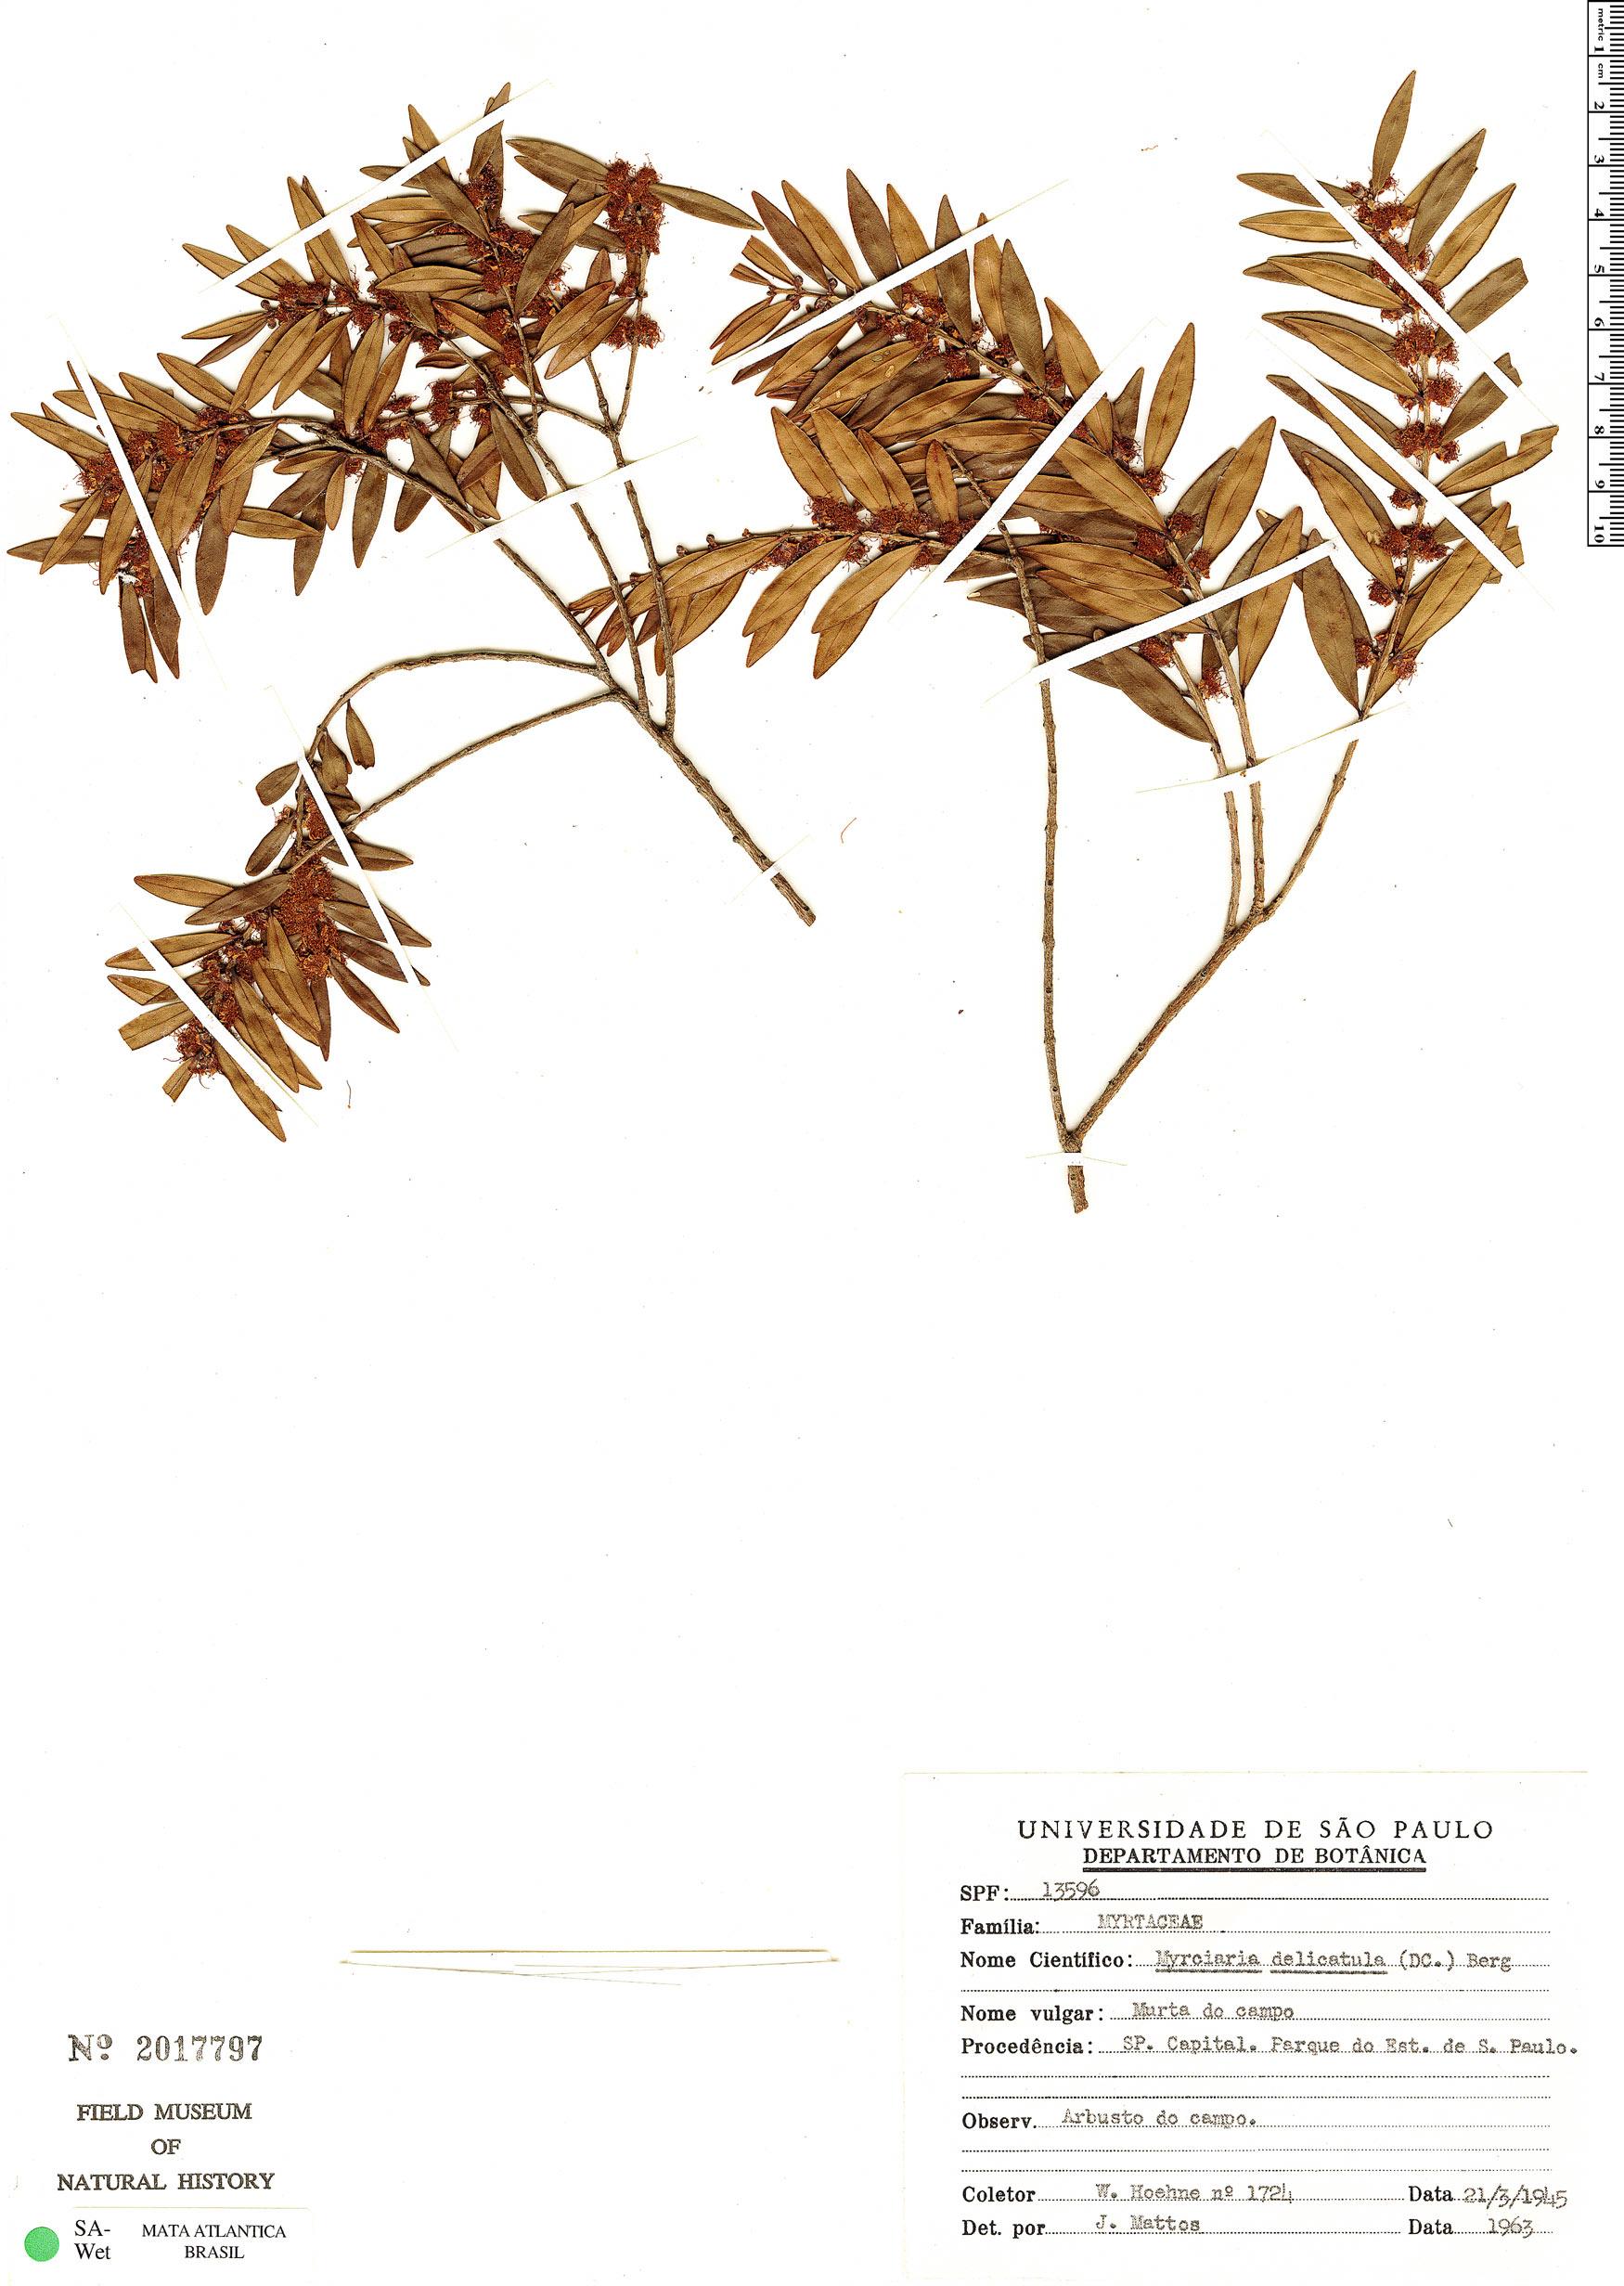 Specimen: Myrciaria delicatula